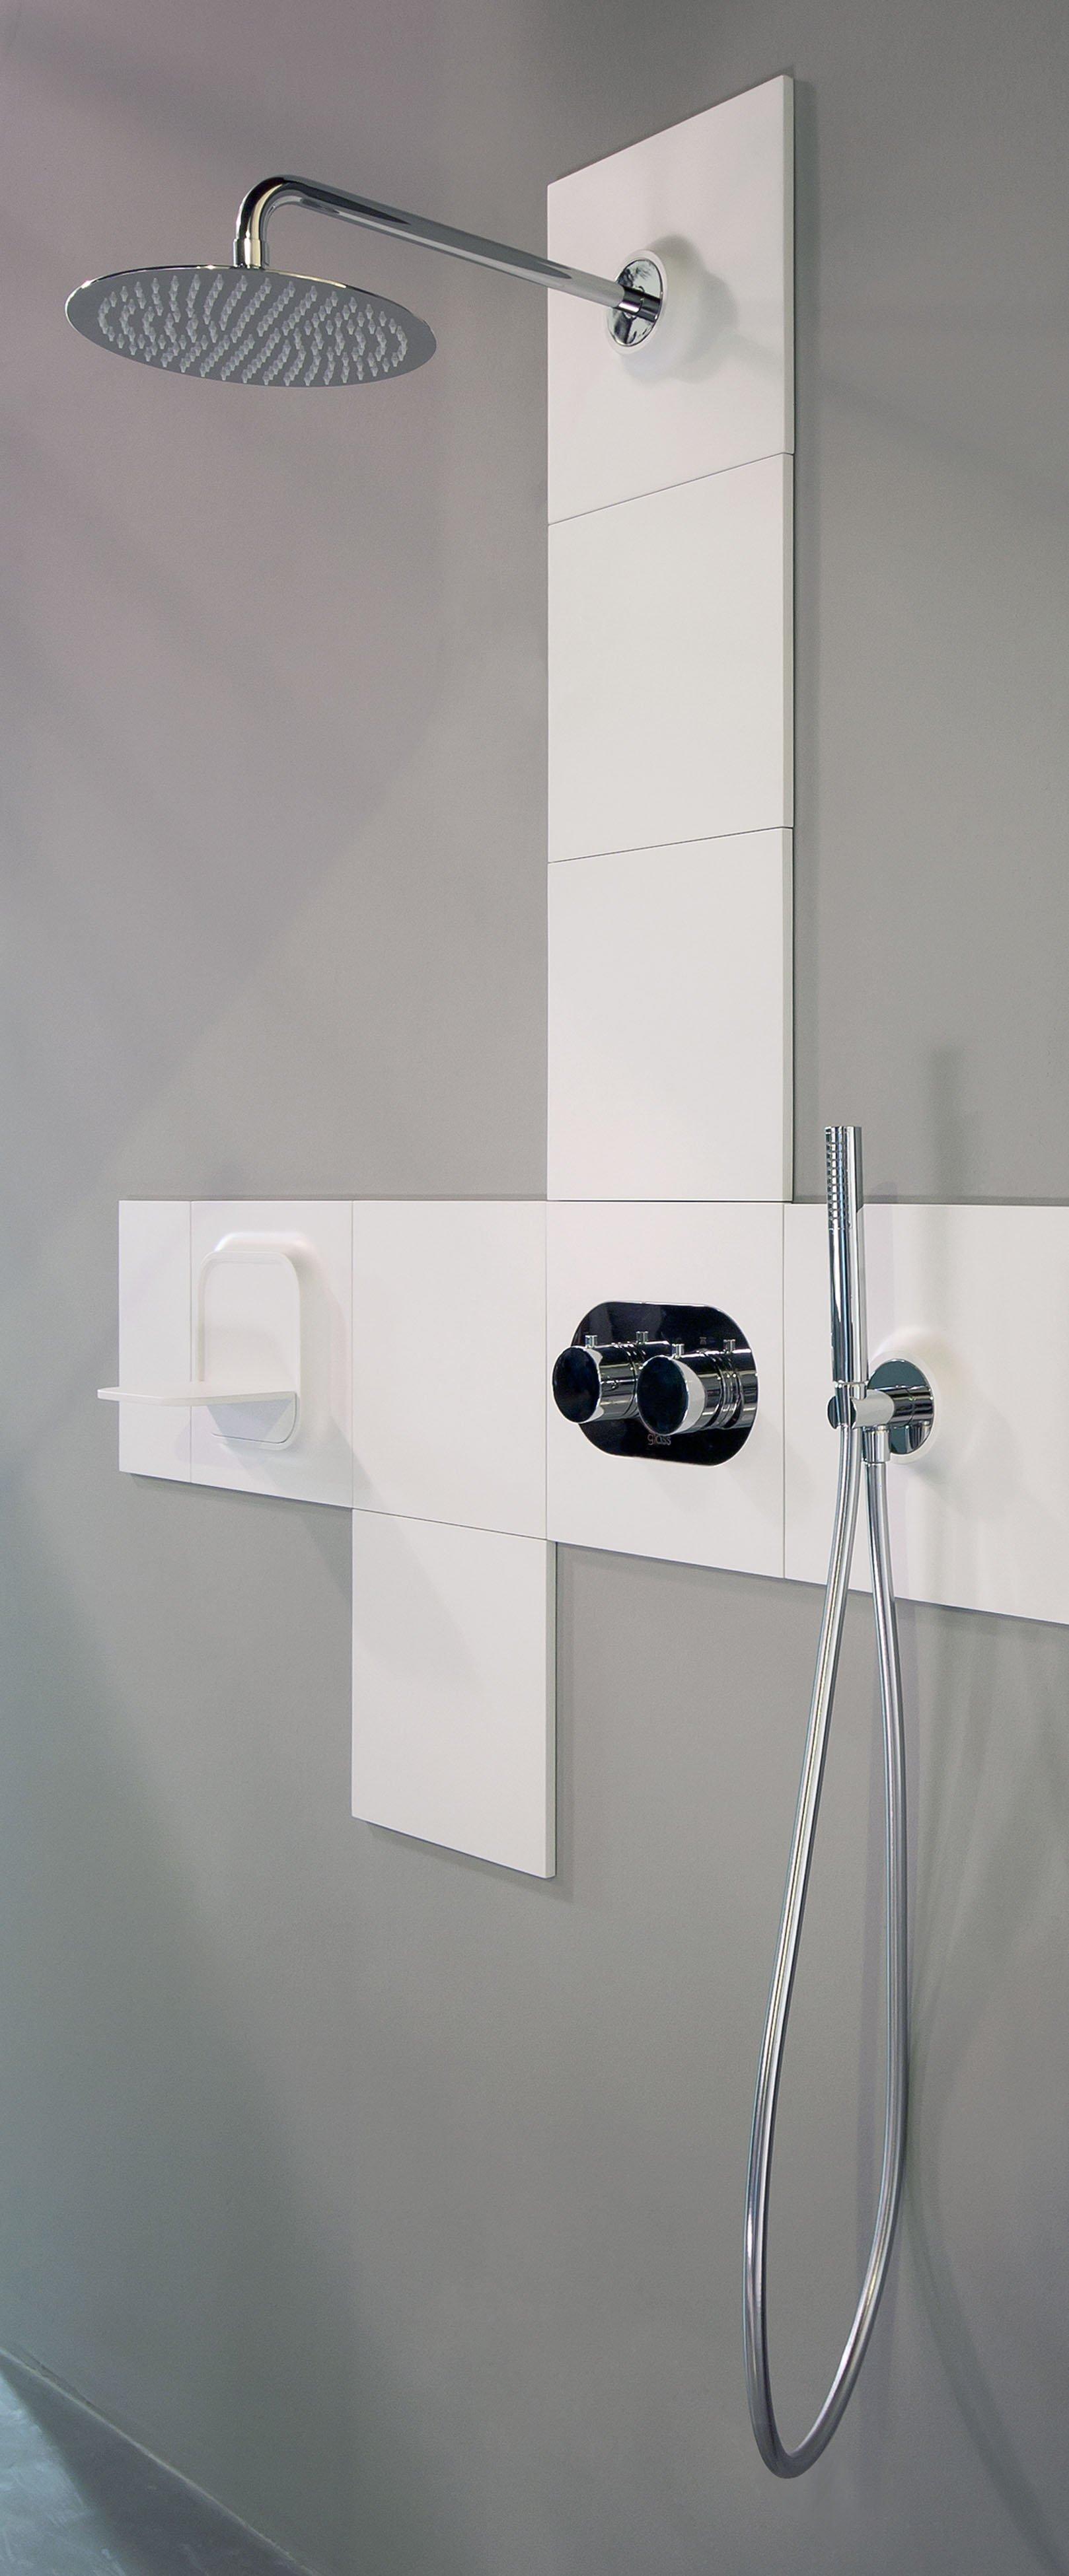 Glass propone modula piastrelle attrezzate con rubinetteria o mensole cose di casa for Mensole x bagno